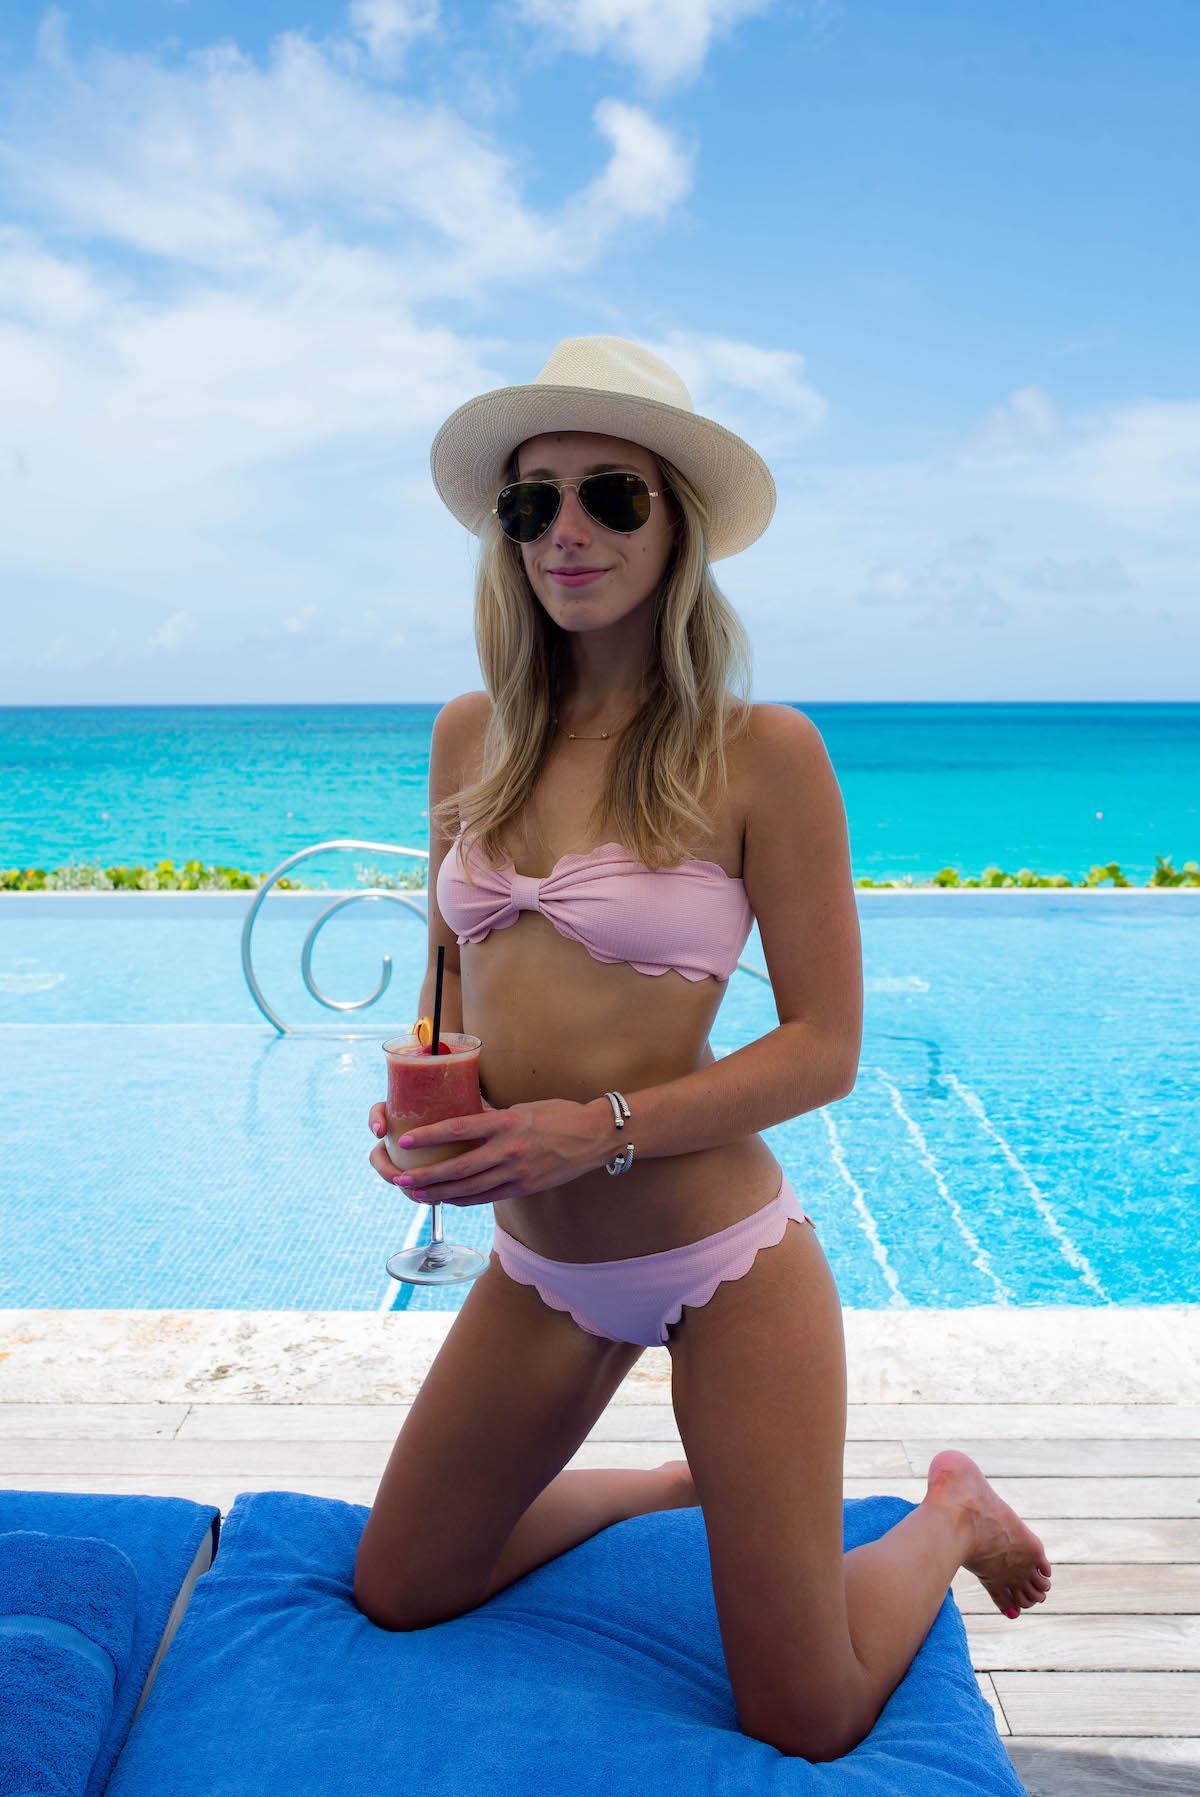 Marysia Swim Scallop Bikini